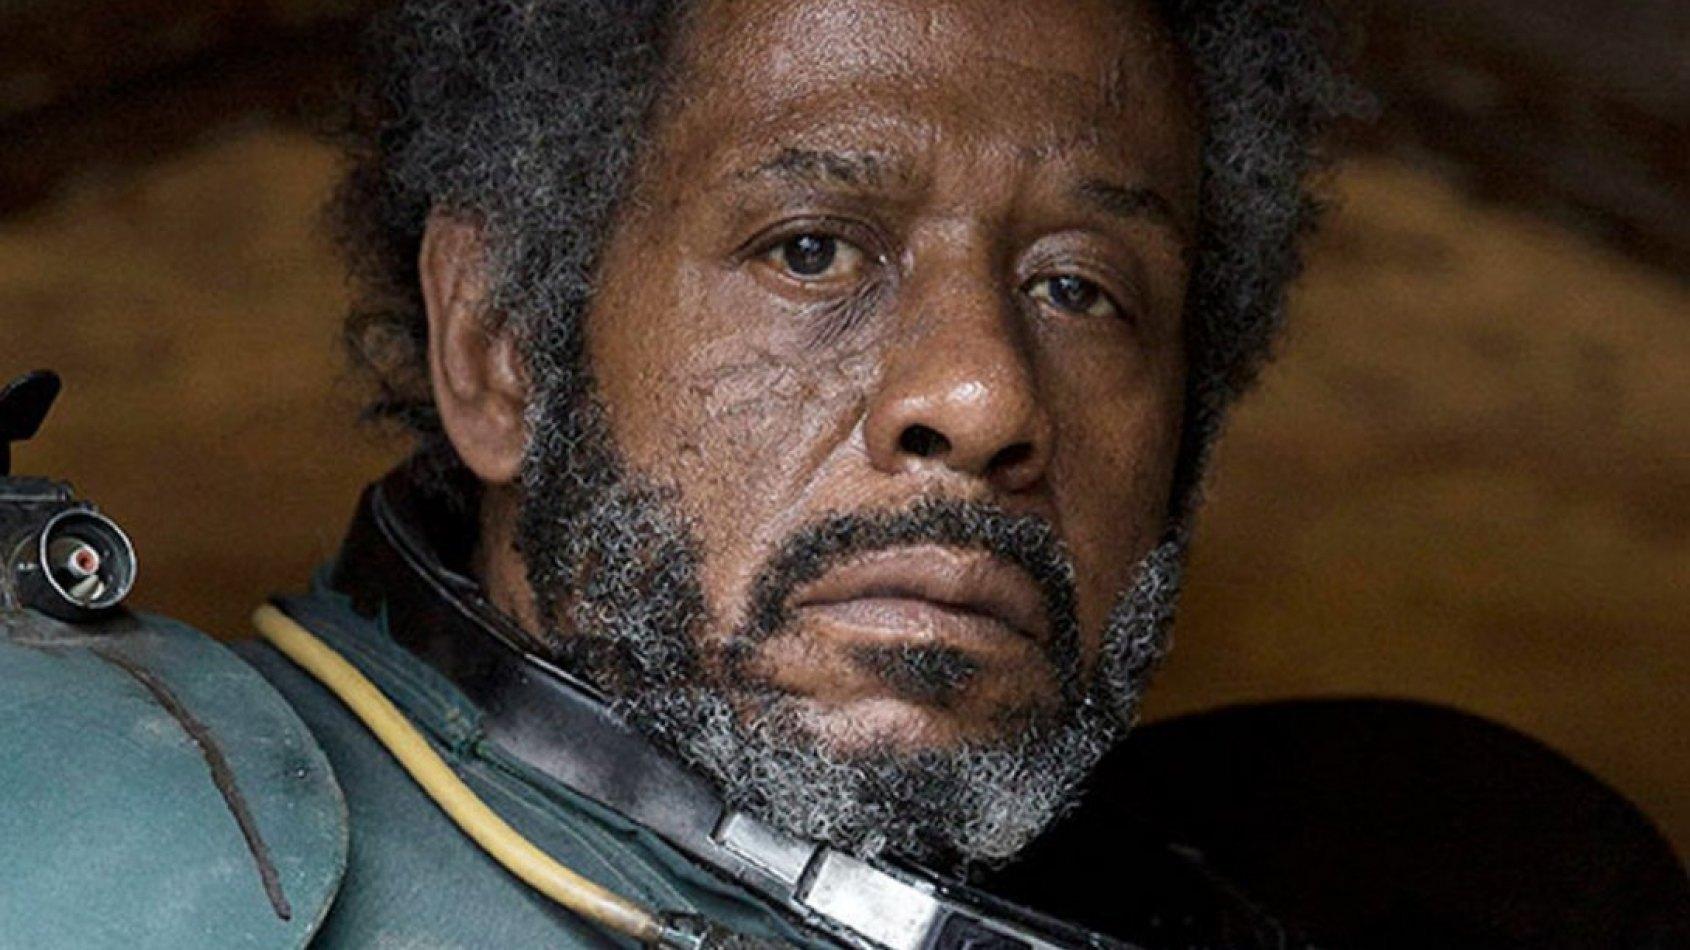 L'identit� du personnage de Forest Whitaker dans Rogue One r�v�l�e